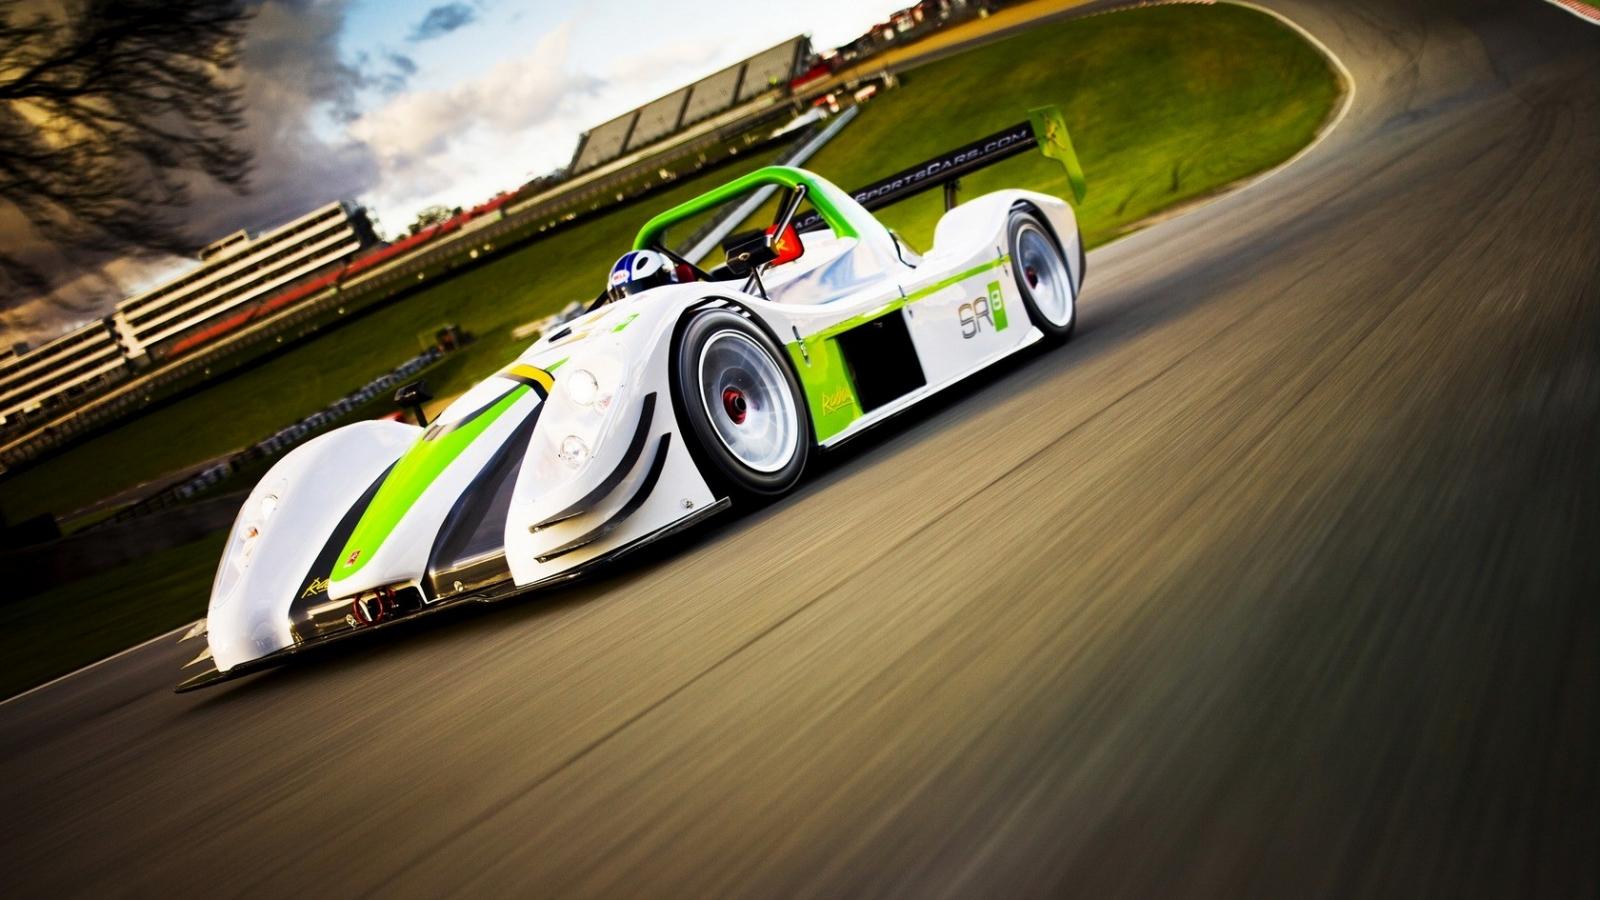 Auto F1 verde - 1600x900